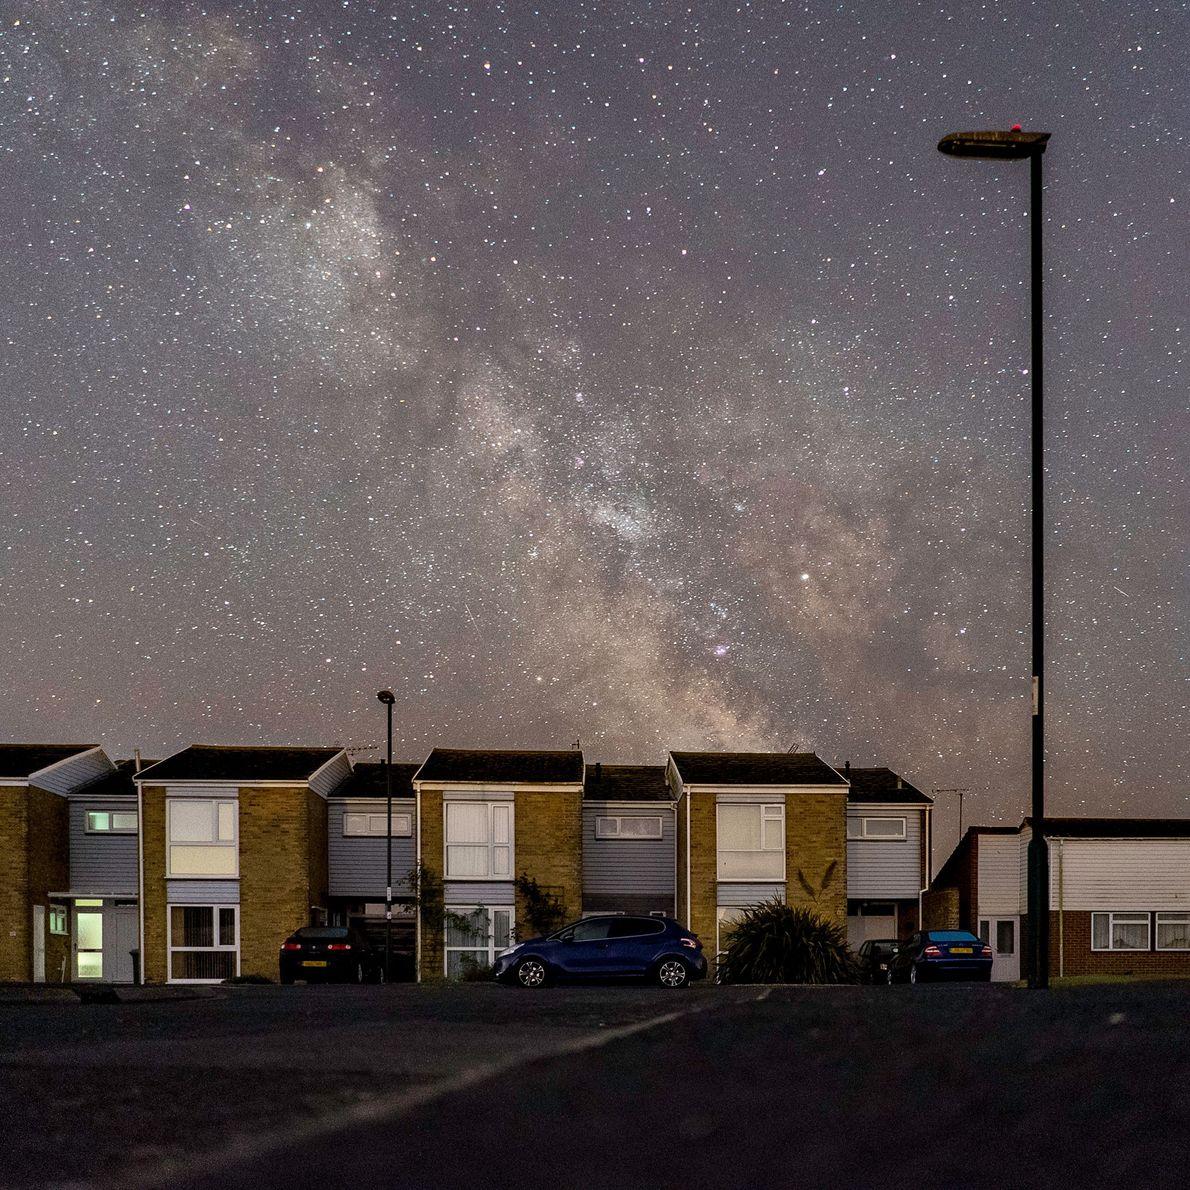 Les lampadaires éteints mettent en lumière un panorama étoilé spectaculaire au-dessus du village côtier de Pagham, ...